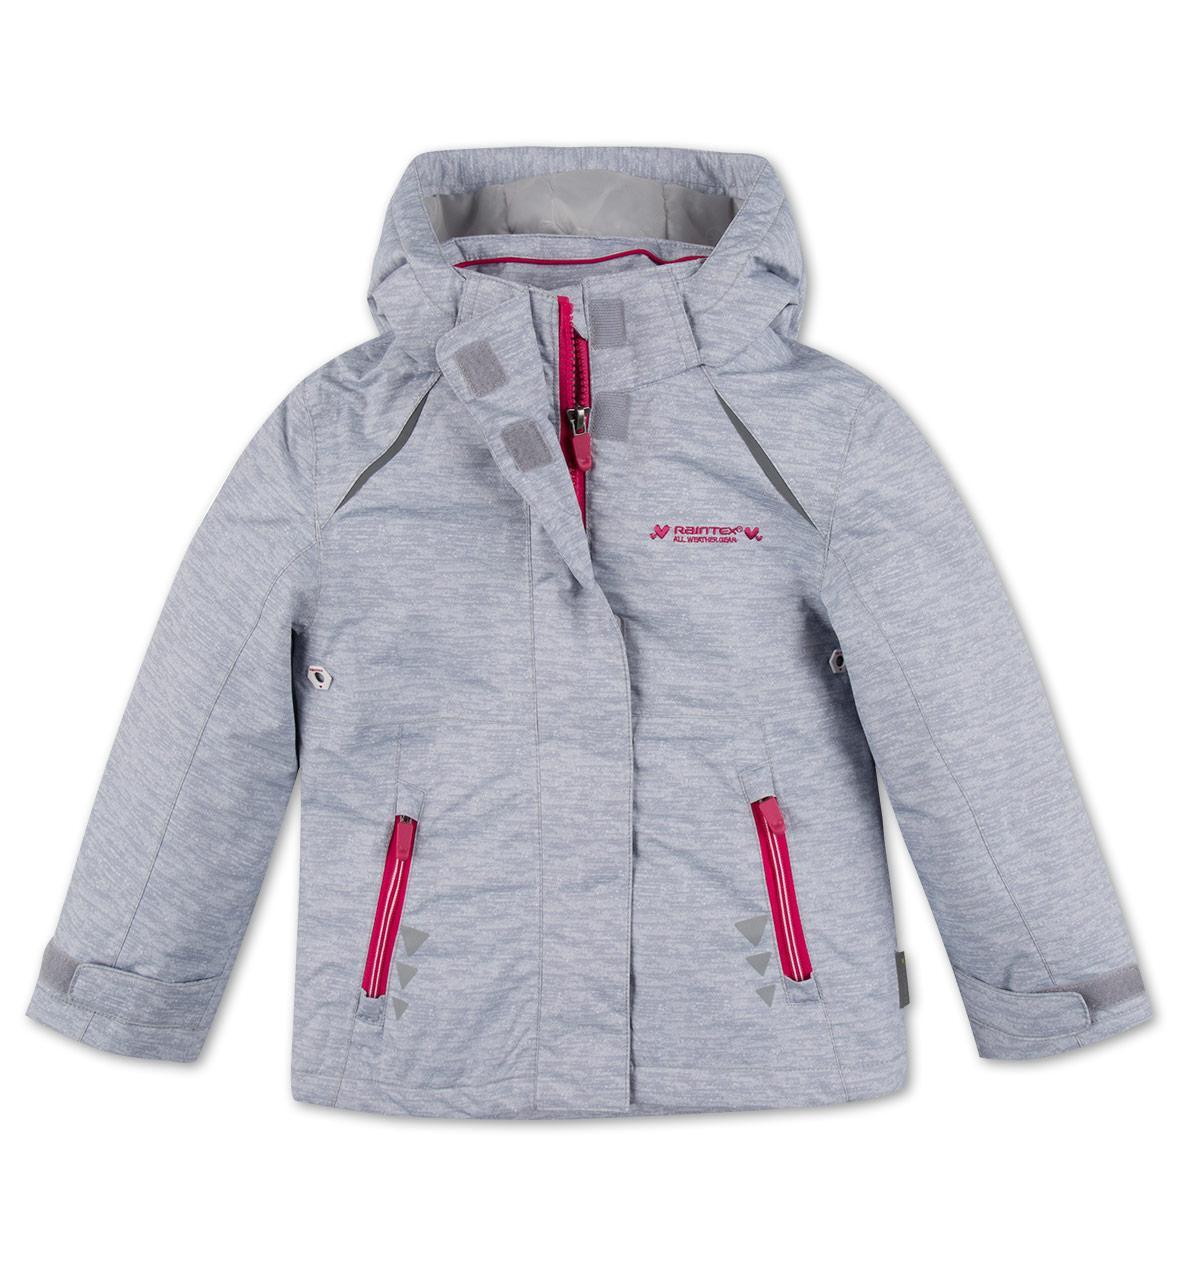 Функциональная куртка Soft Shell Софт Шелл для девочки C&A Германия Размер 104